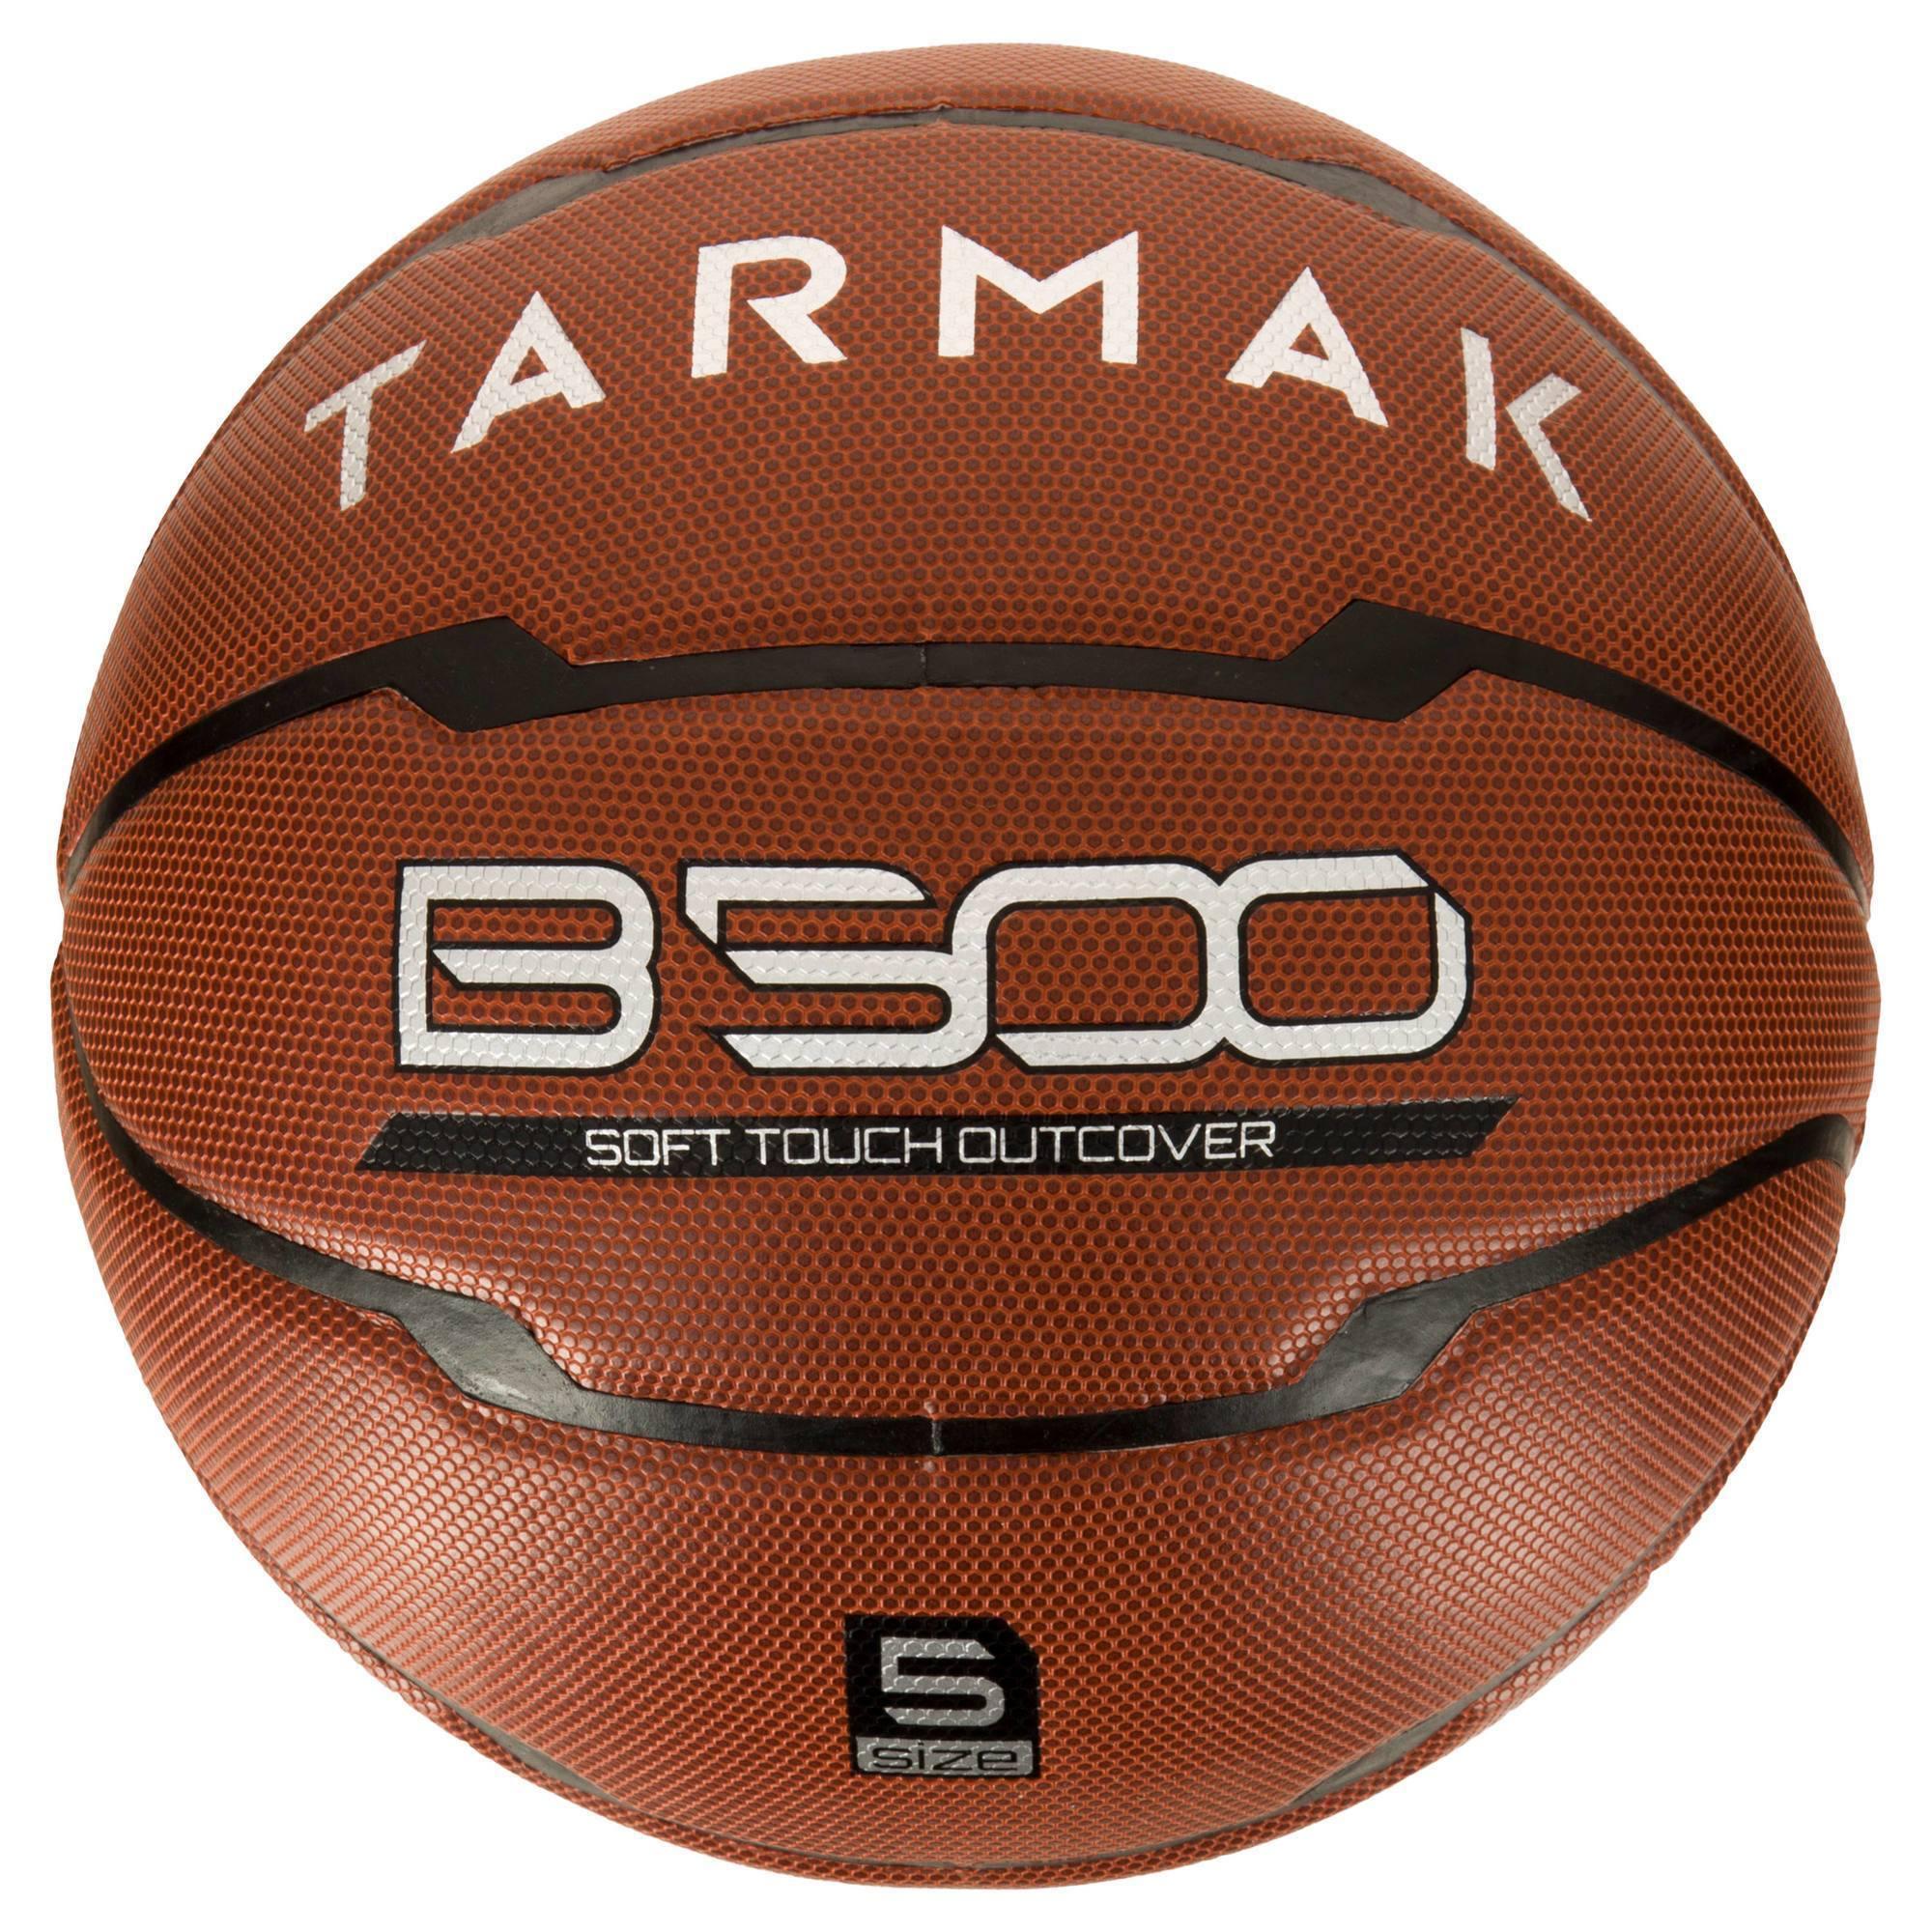 ballon de basket enfant b500 taille 5 marron cuir synth tique jusqu 39 10 ans clubs. Black Bedroom Furniture Sets. Home Design Ideas